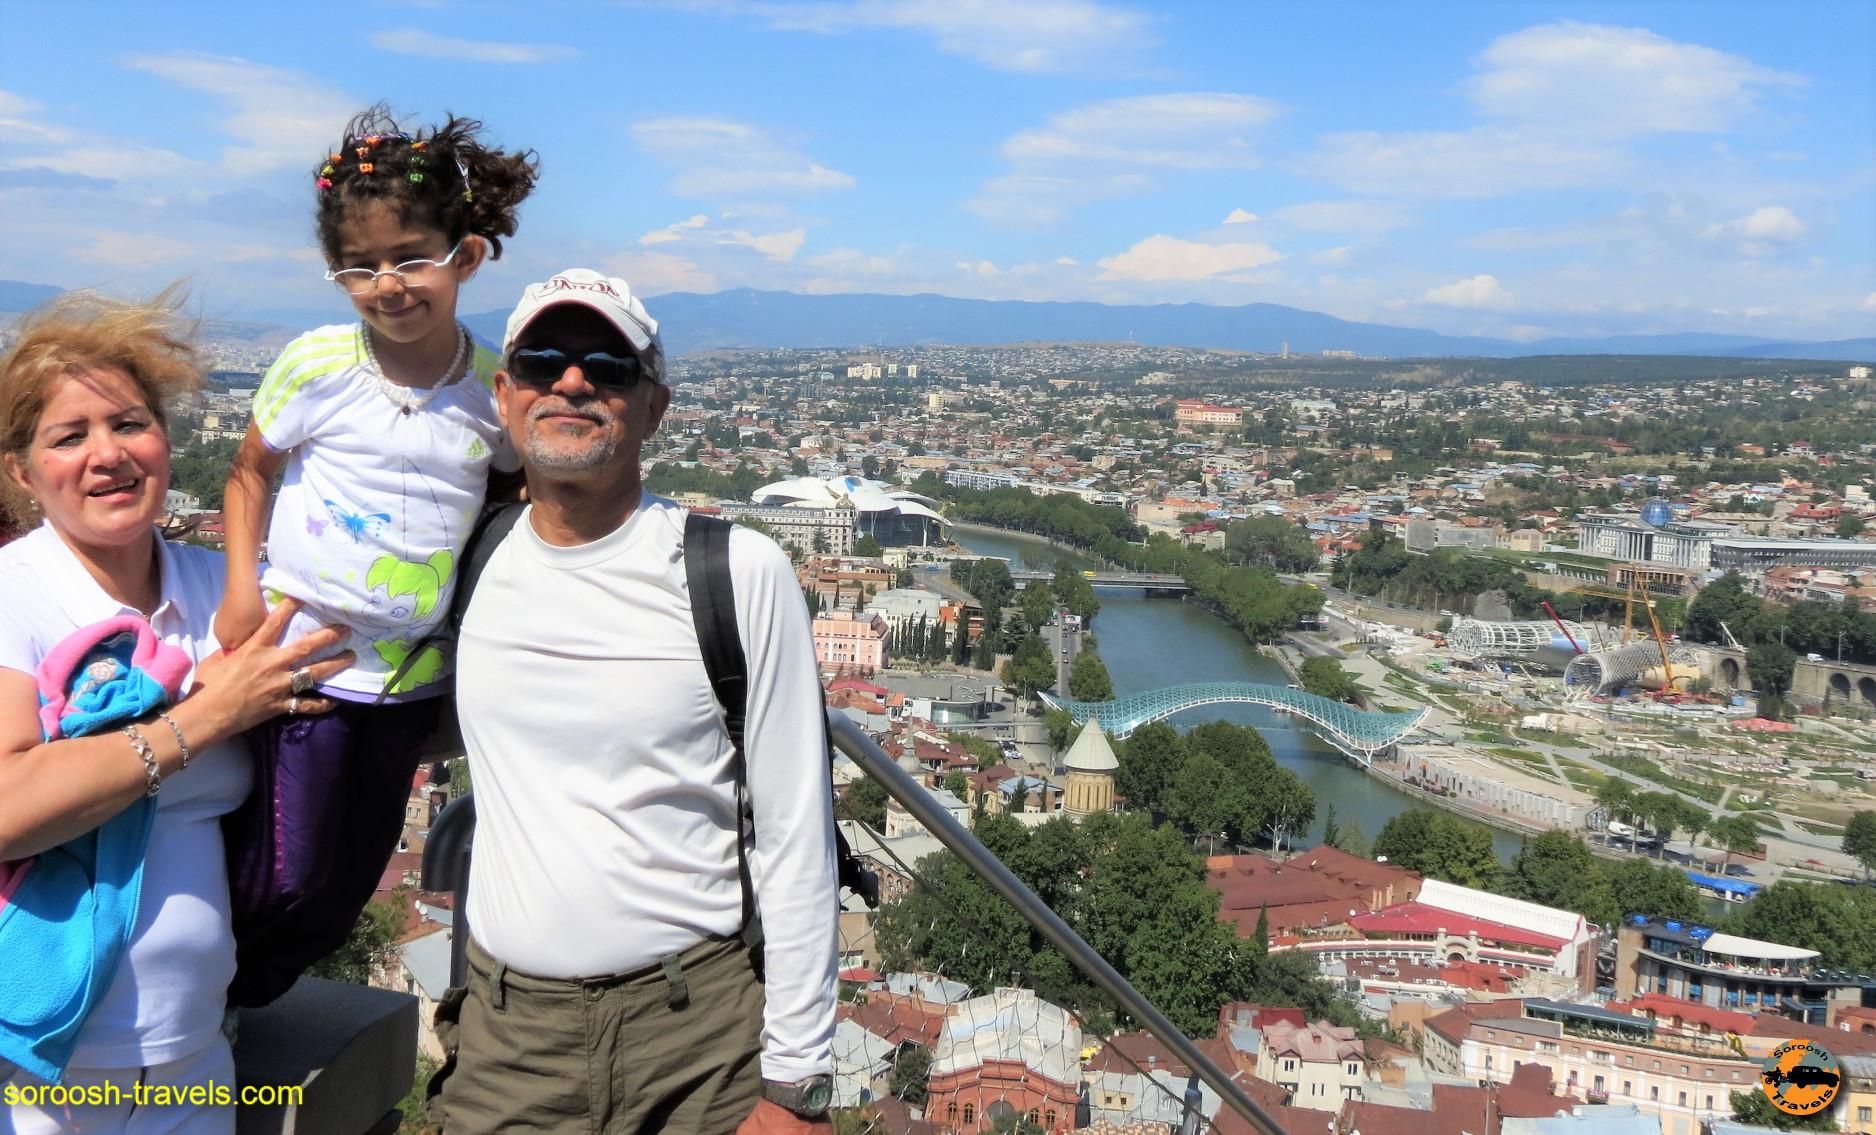 سفر با اتوموبیل به آذربایجان و گرجستان : تفلیس – تابستان ۱۳۹۱